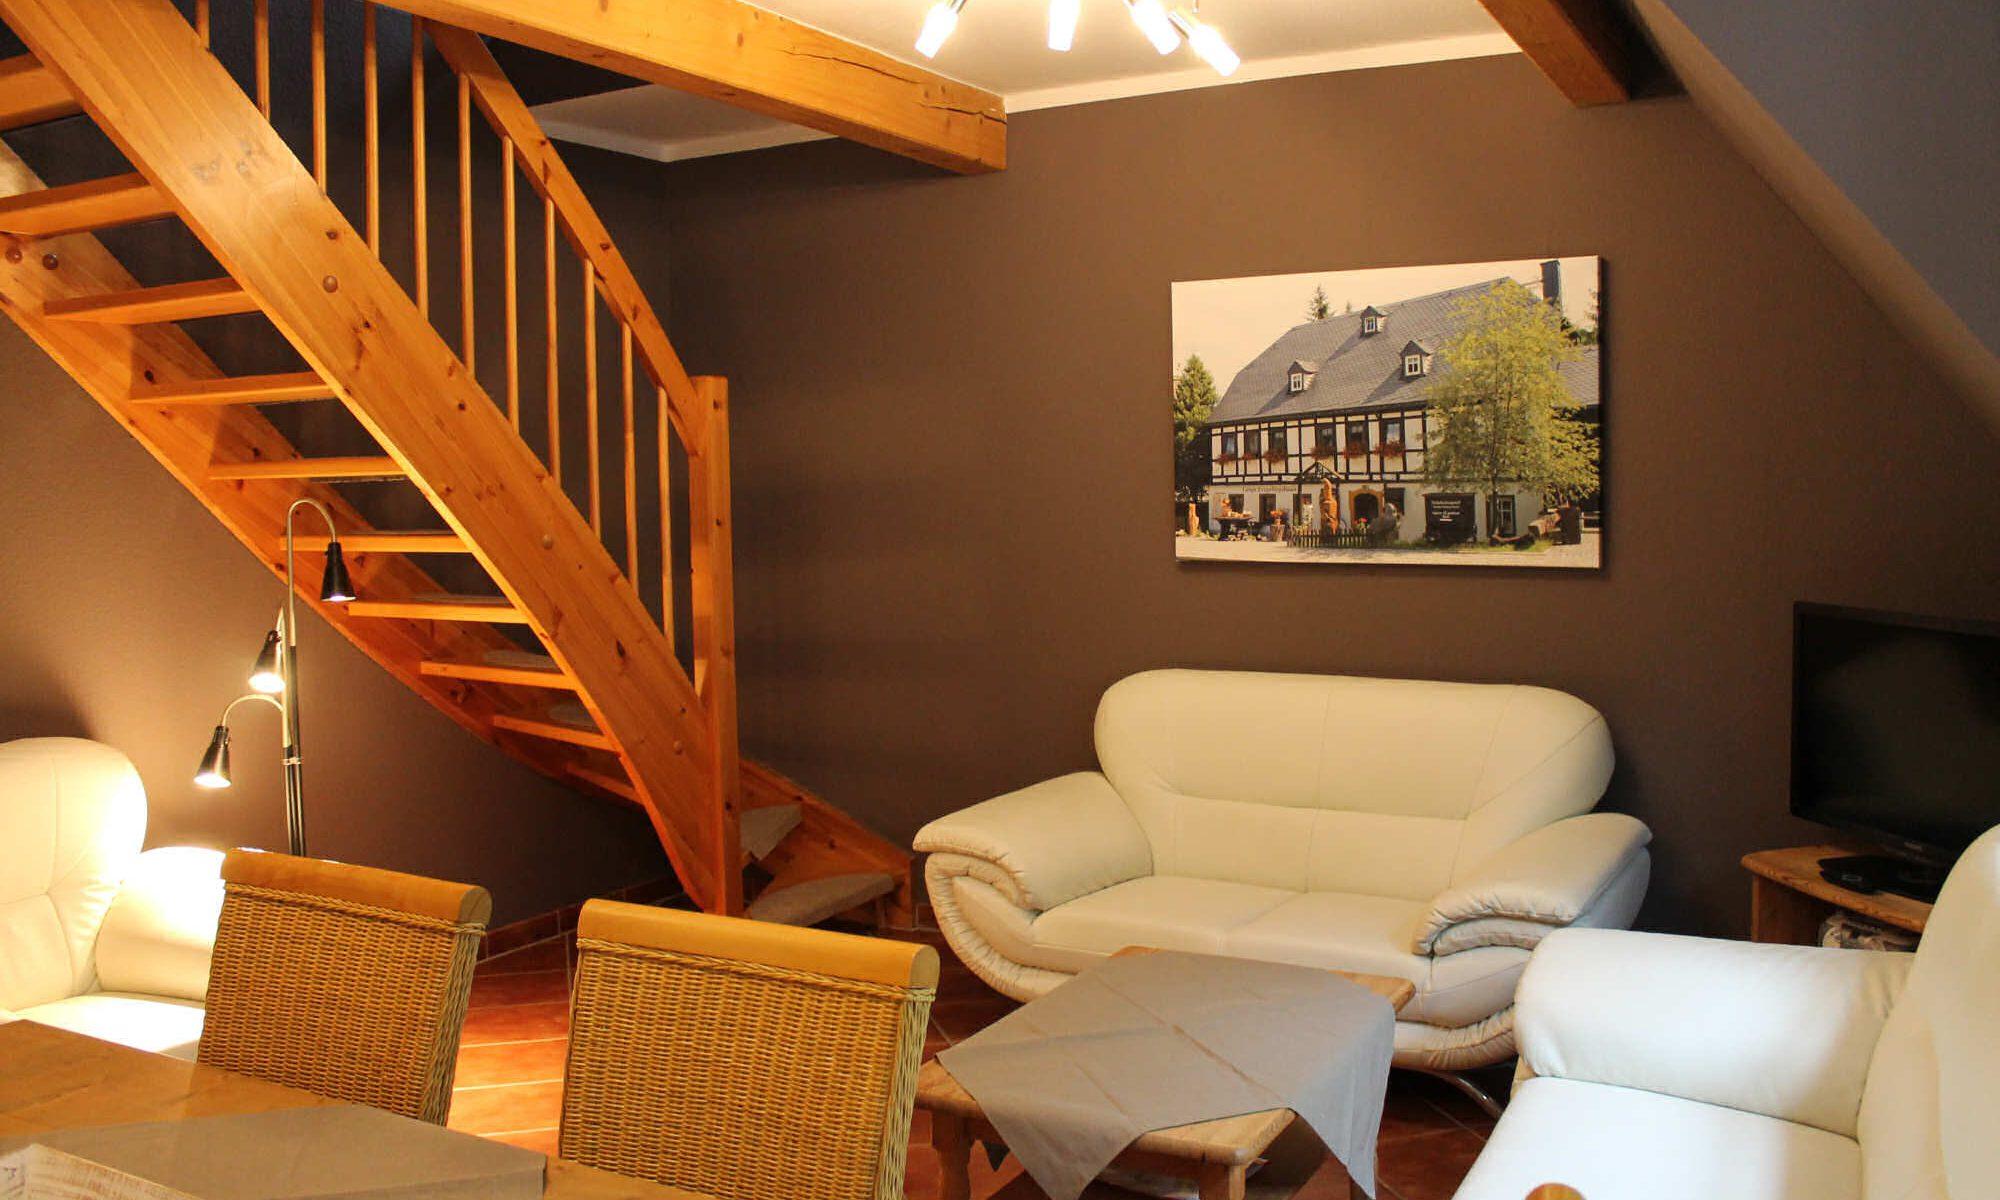 Appartement Keilberg - Wohnbereich mit Treppe